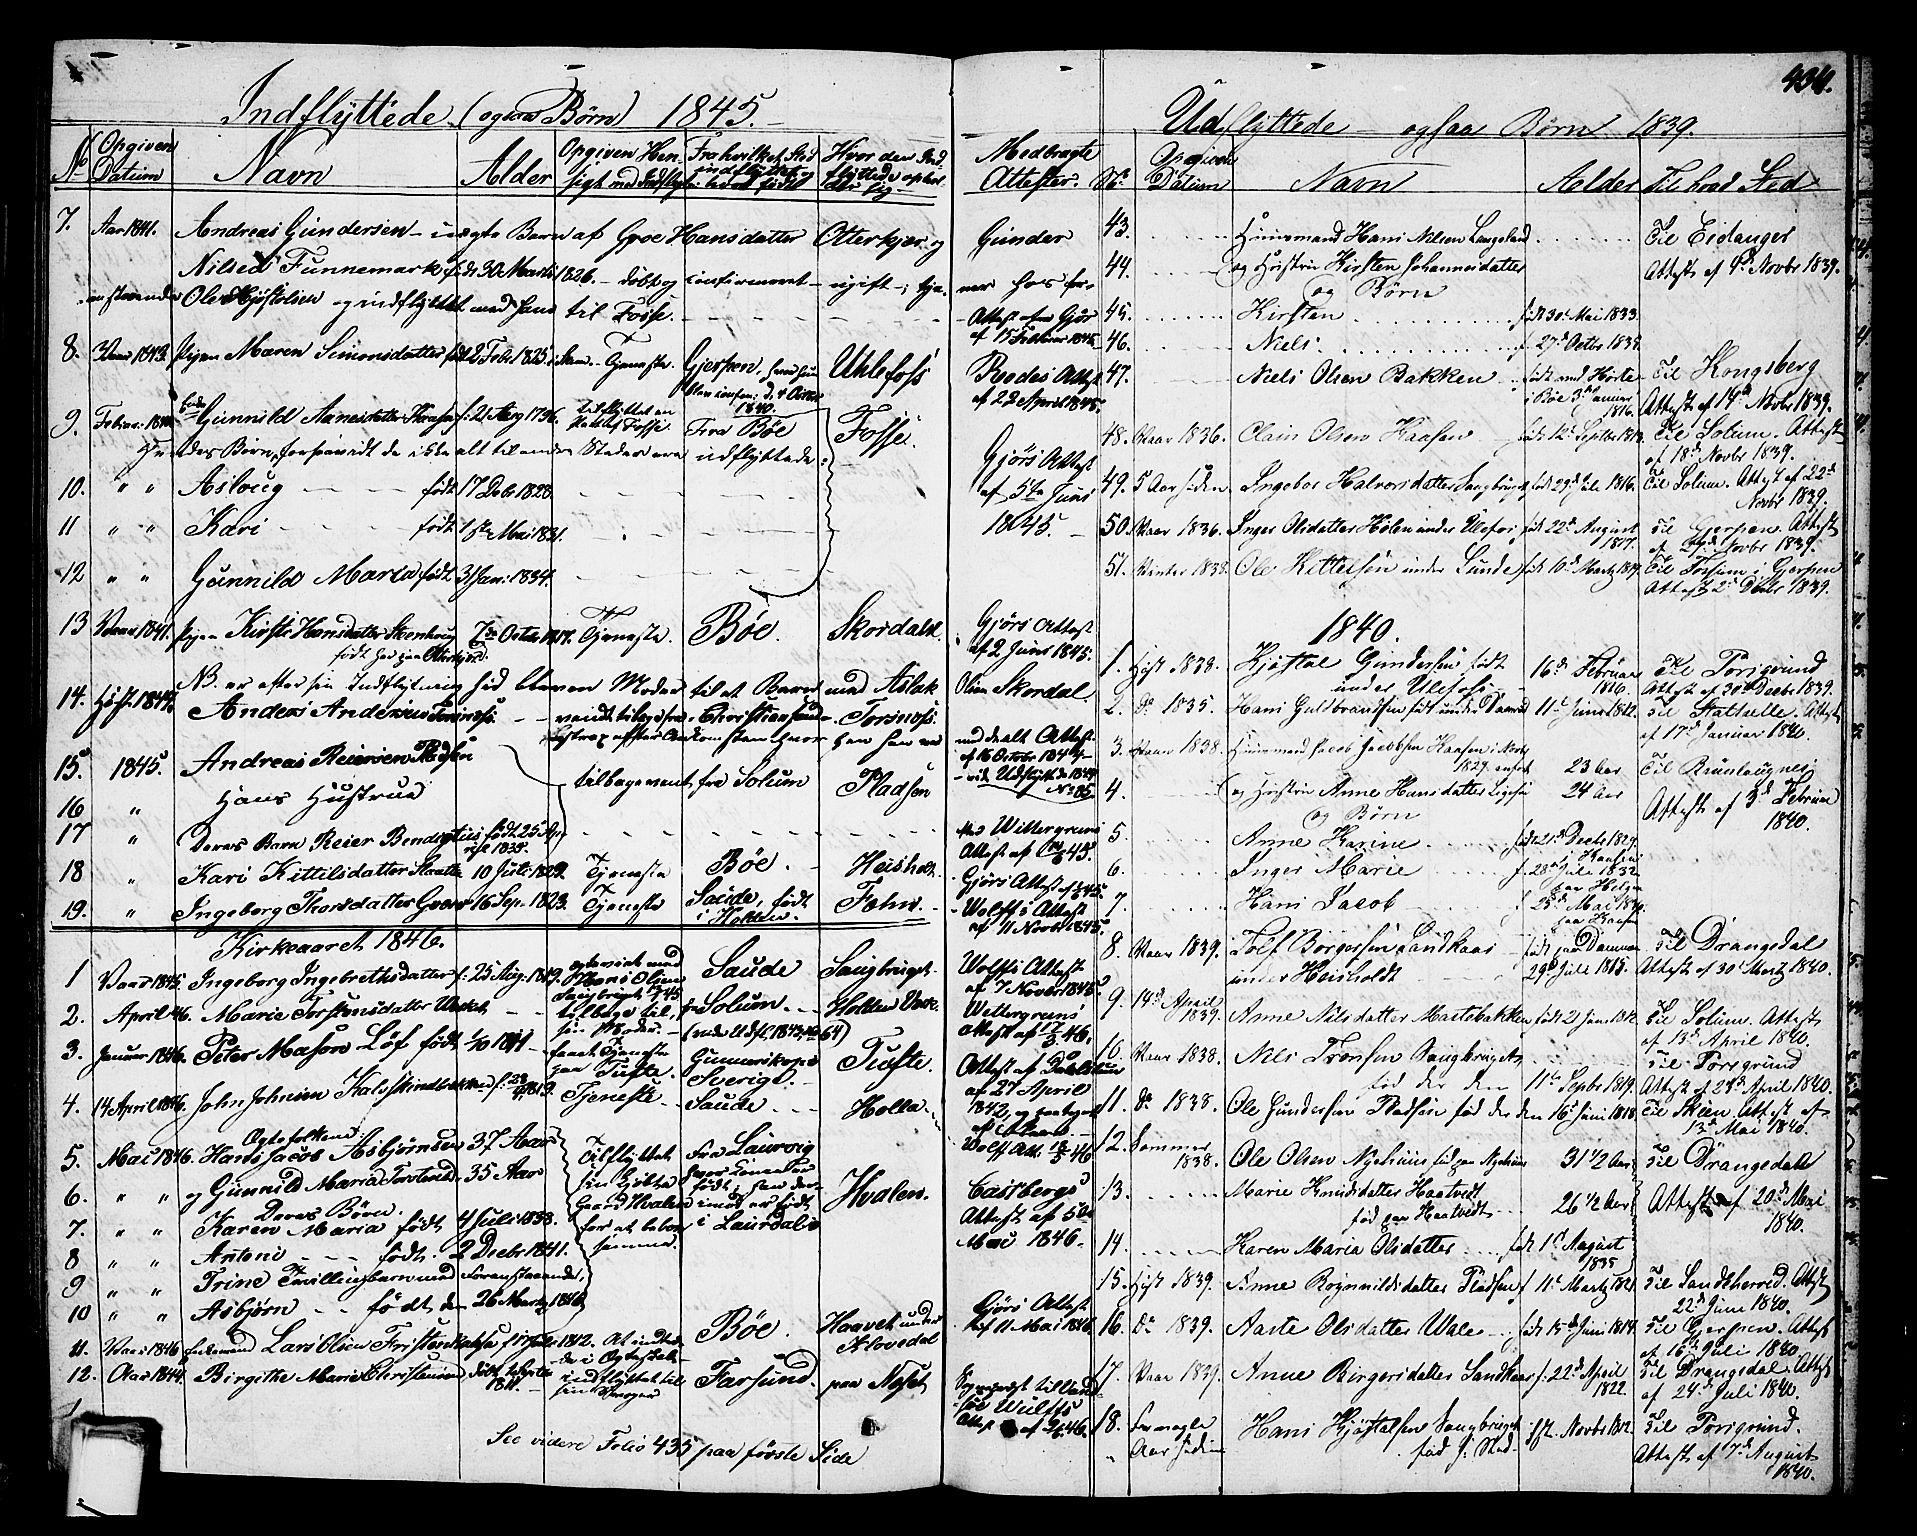 SAKO, Holla kirkebøker, G/Ga/L0002: Klokkerbok nr. I 2, 1830-1848, s. 434